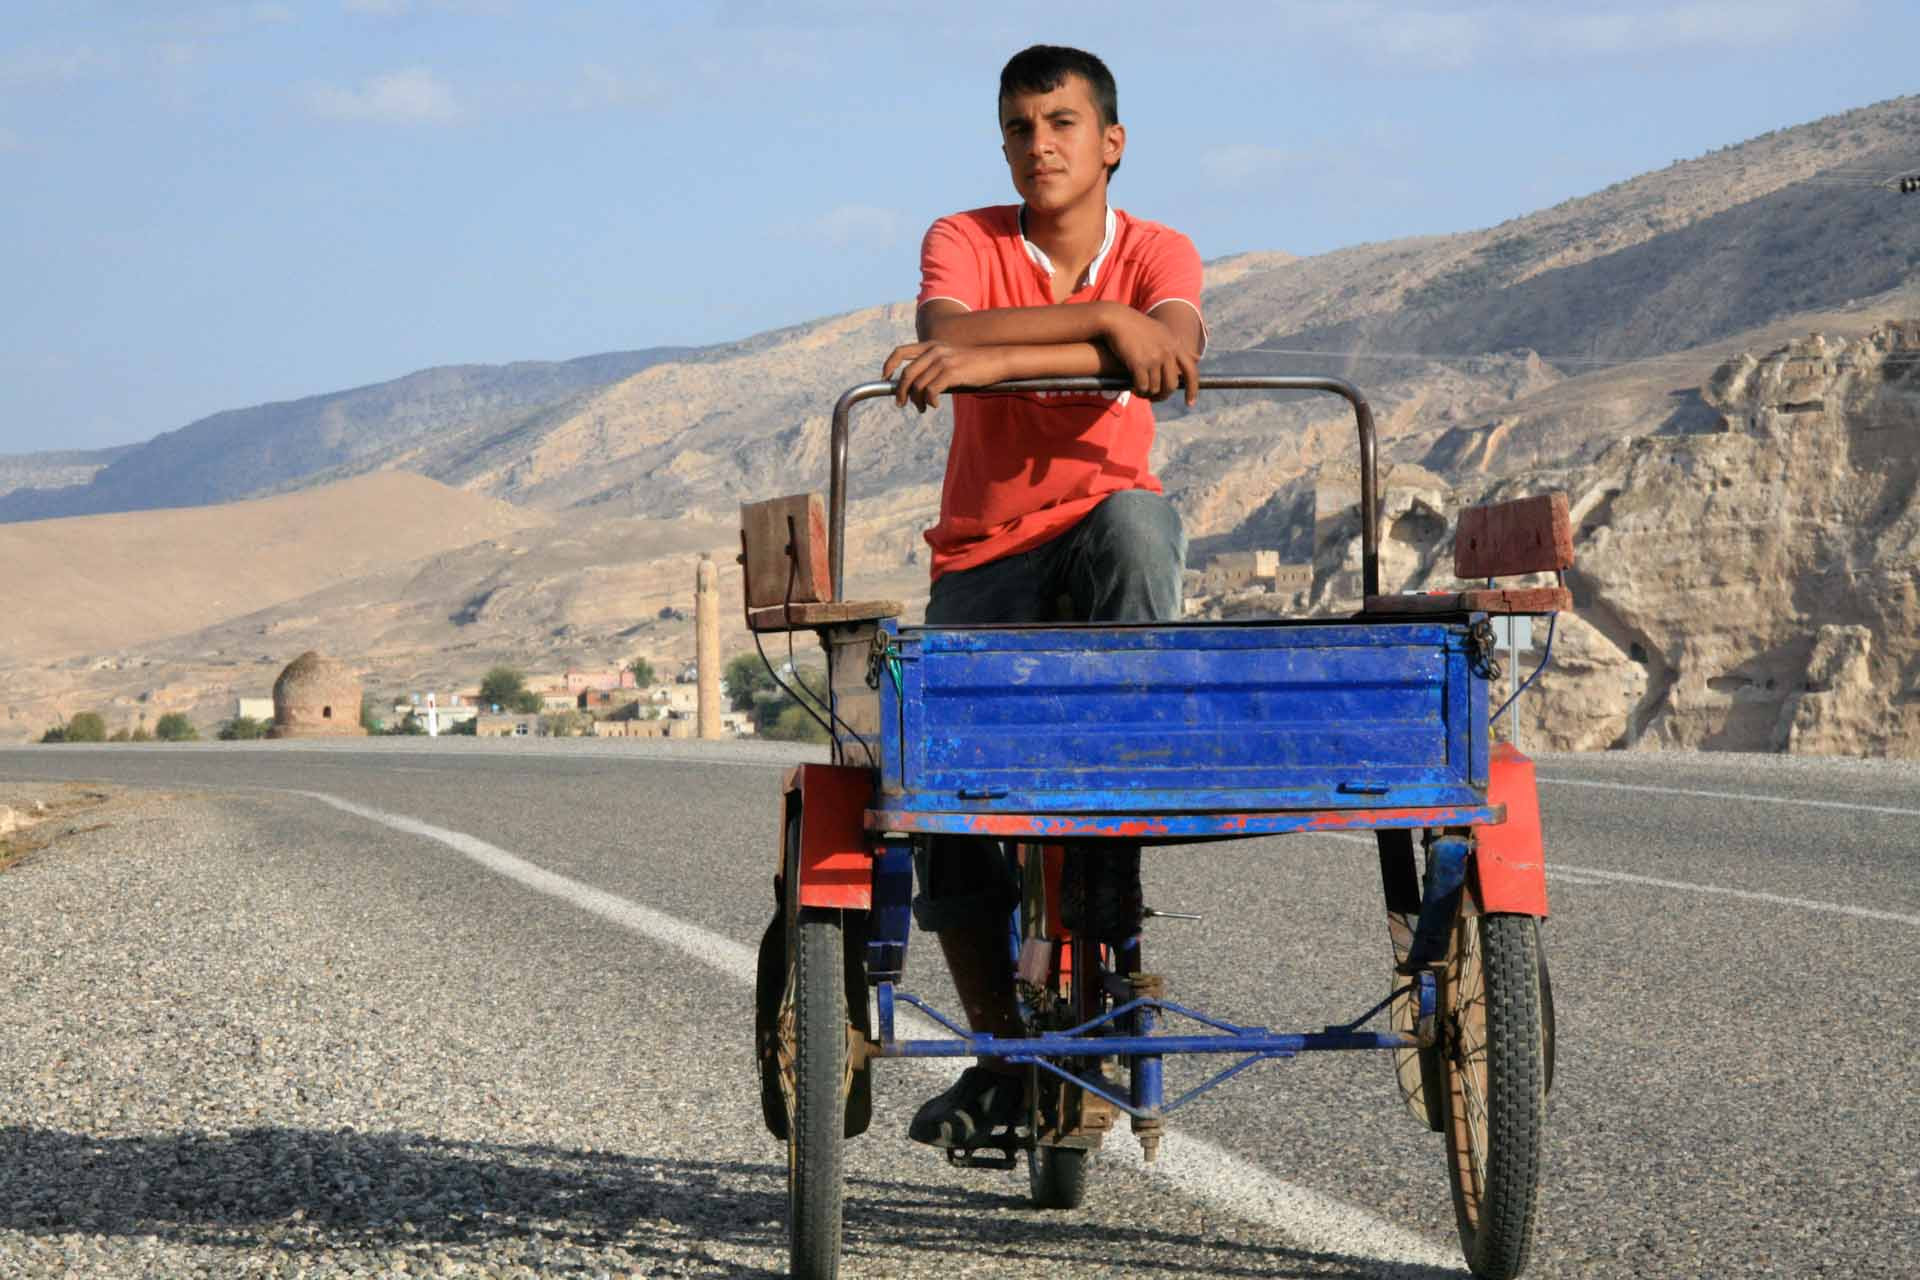 Ein junger Mann, der ein kleines Haus an der Straße ausserhalb von Hasankeyf bewohnt. Seine Familie lebt unter ärmlichsten Verhältnissen und verdient etwas Geld mit Tabakanbau.